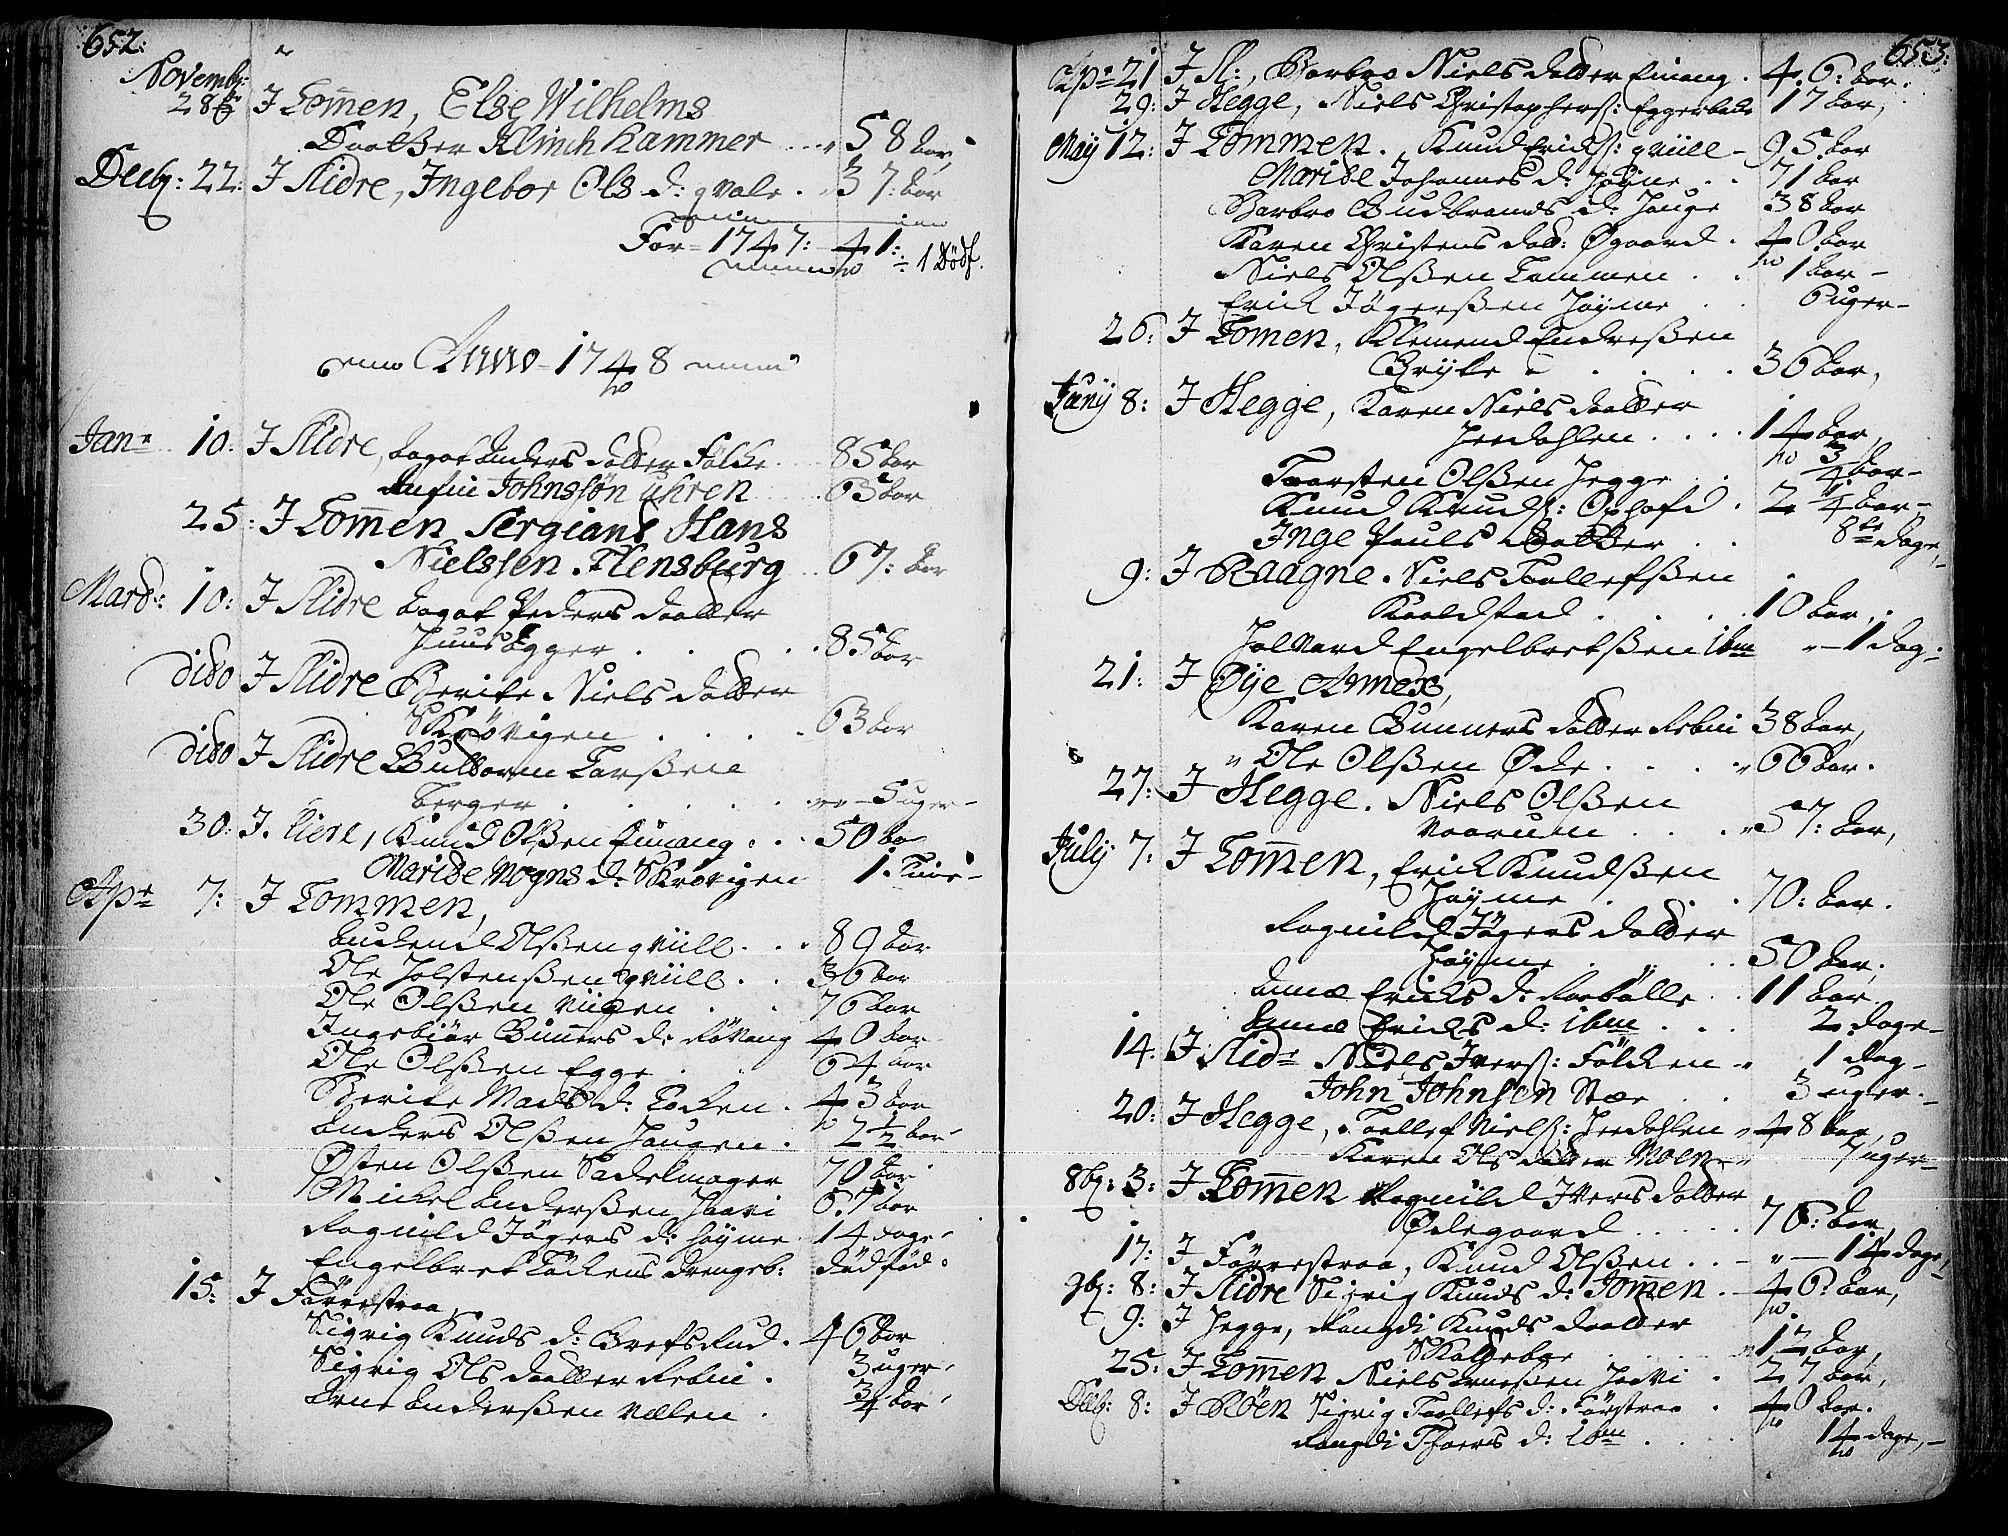 SAH, Slidre prestekontor, Ministerialbok nr. 1, 1724-1814, s. 652-653